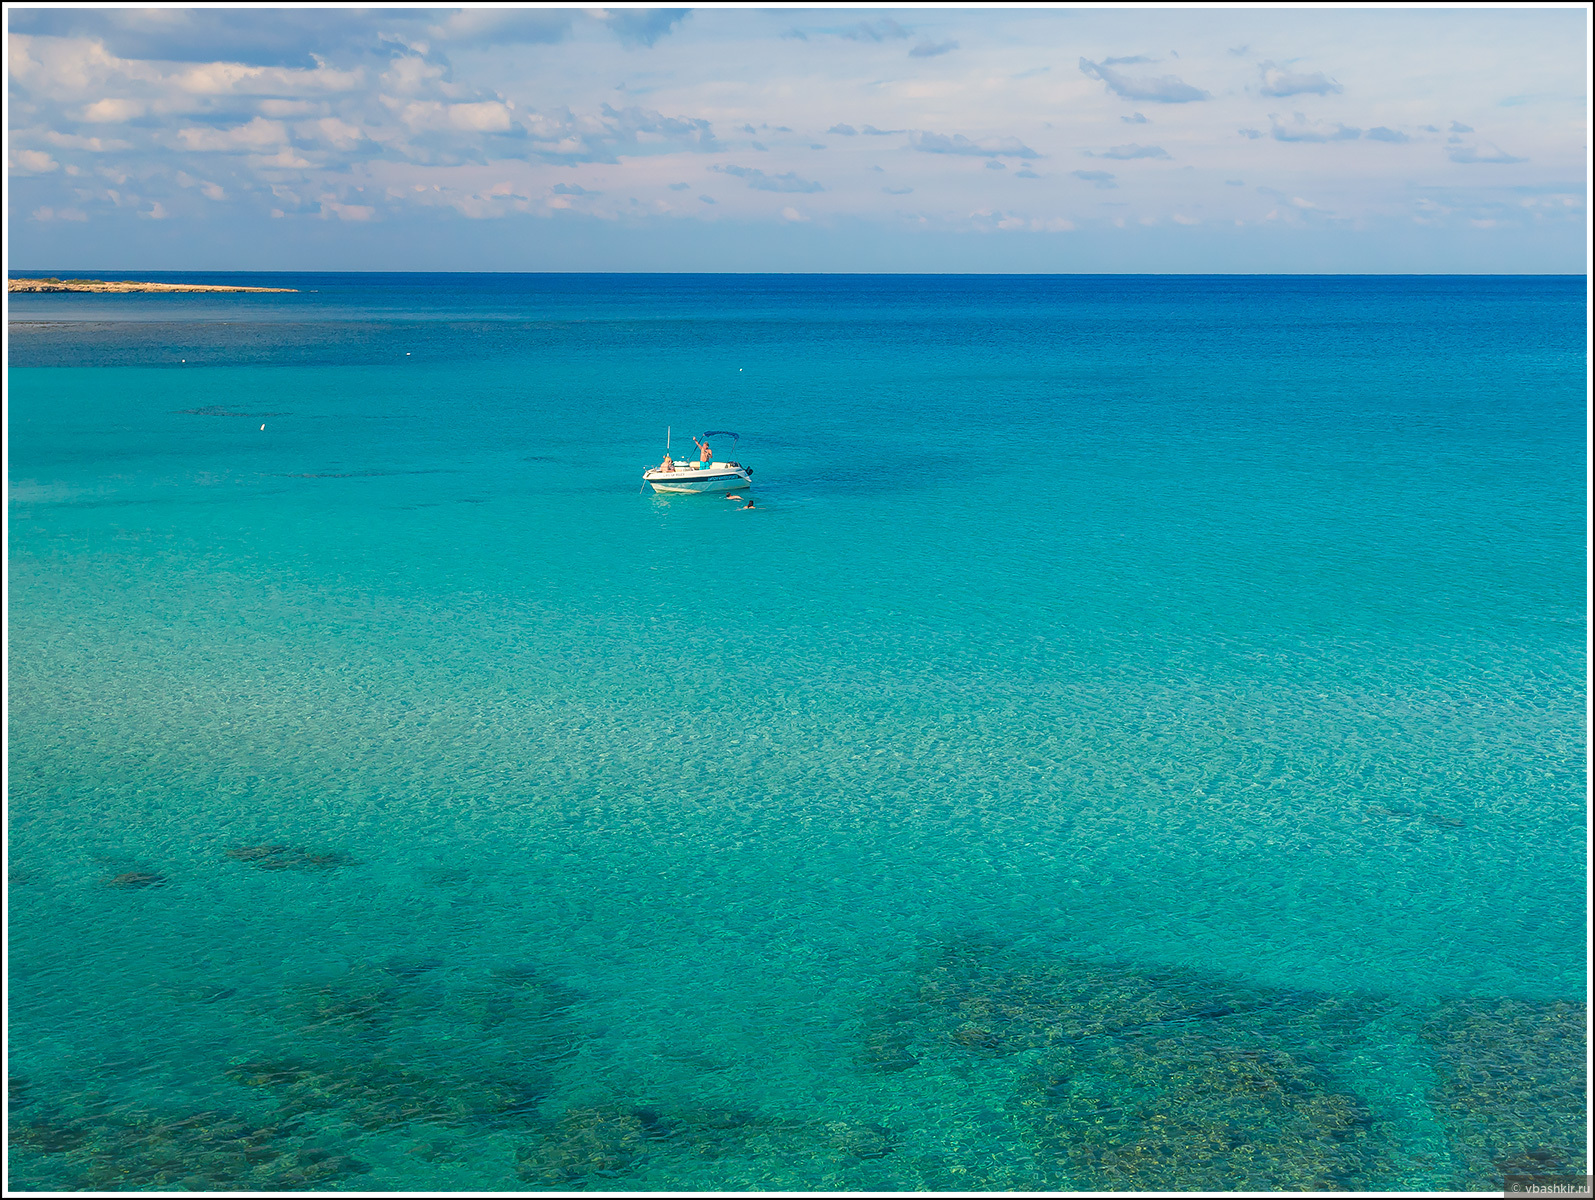 Наш катер в Голубой лагуне. На Кипре, чтобы арендовать катер и самостоятельно им управлять, оказывается, достаточно обычных водительских прав., Моменты и эпизоды